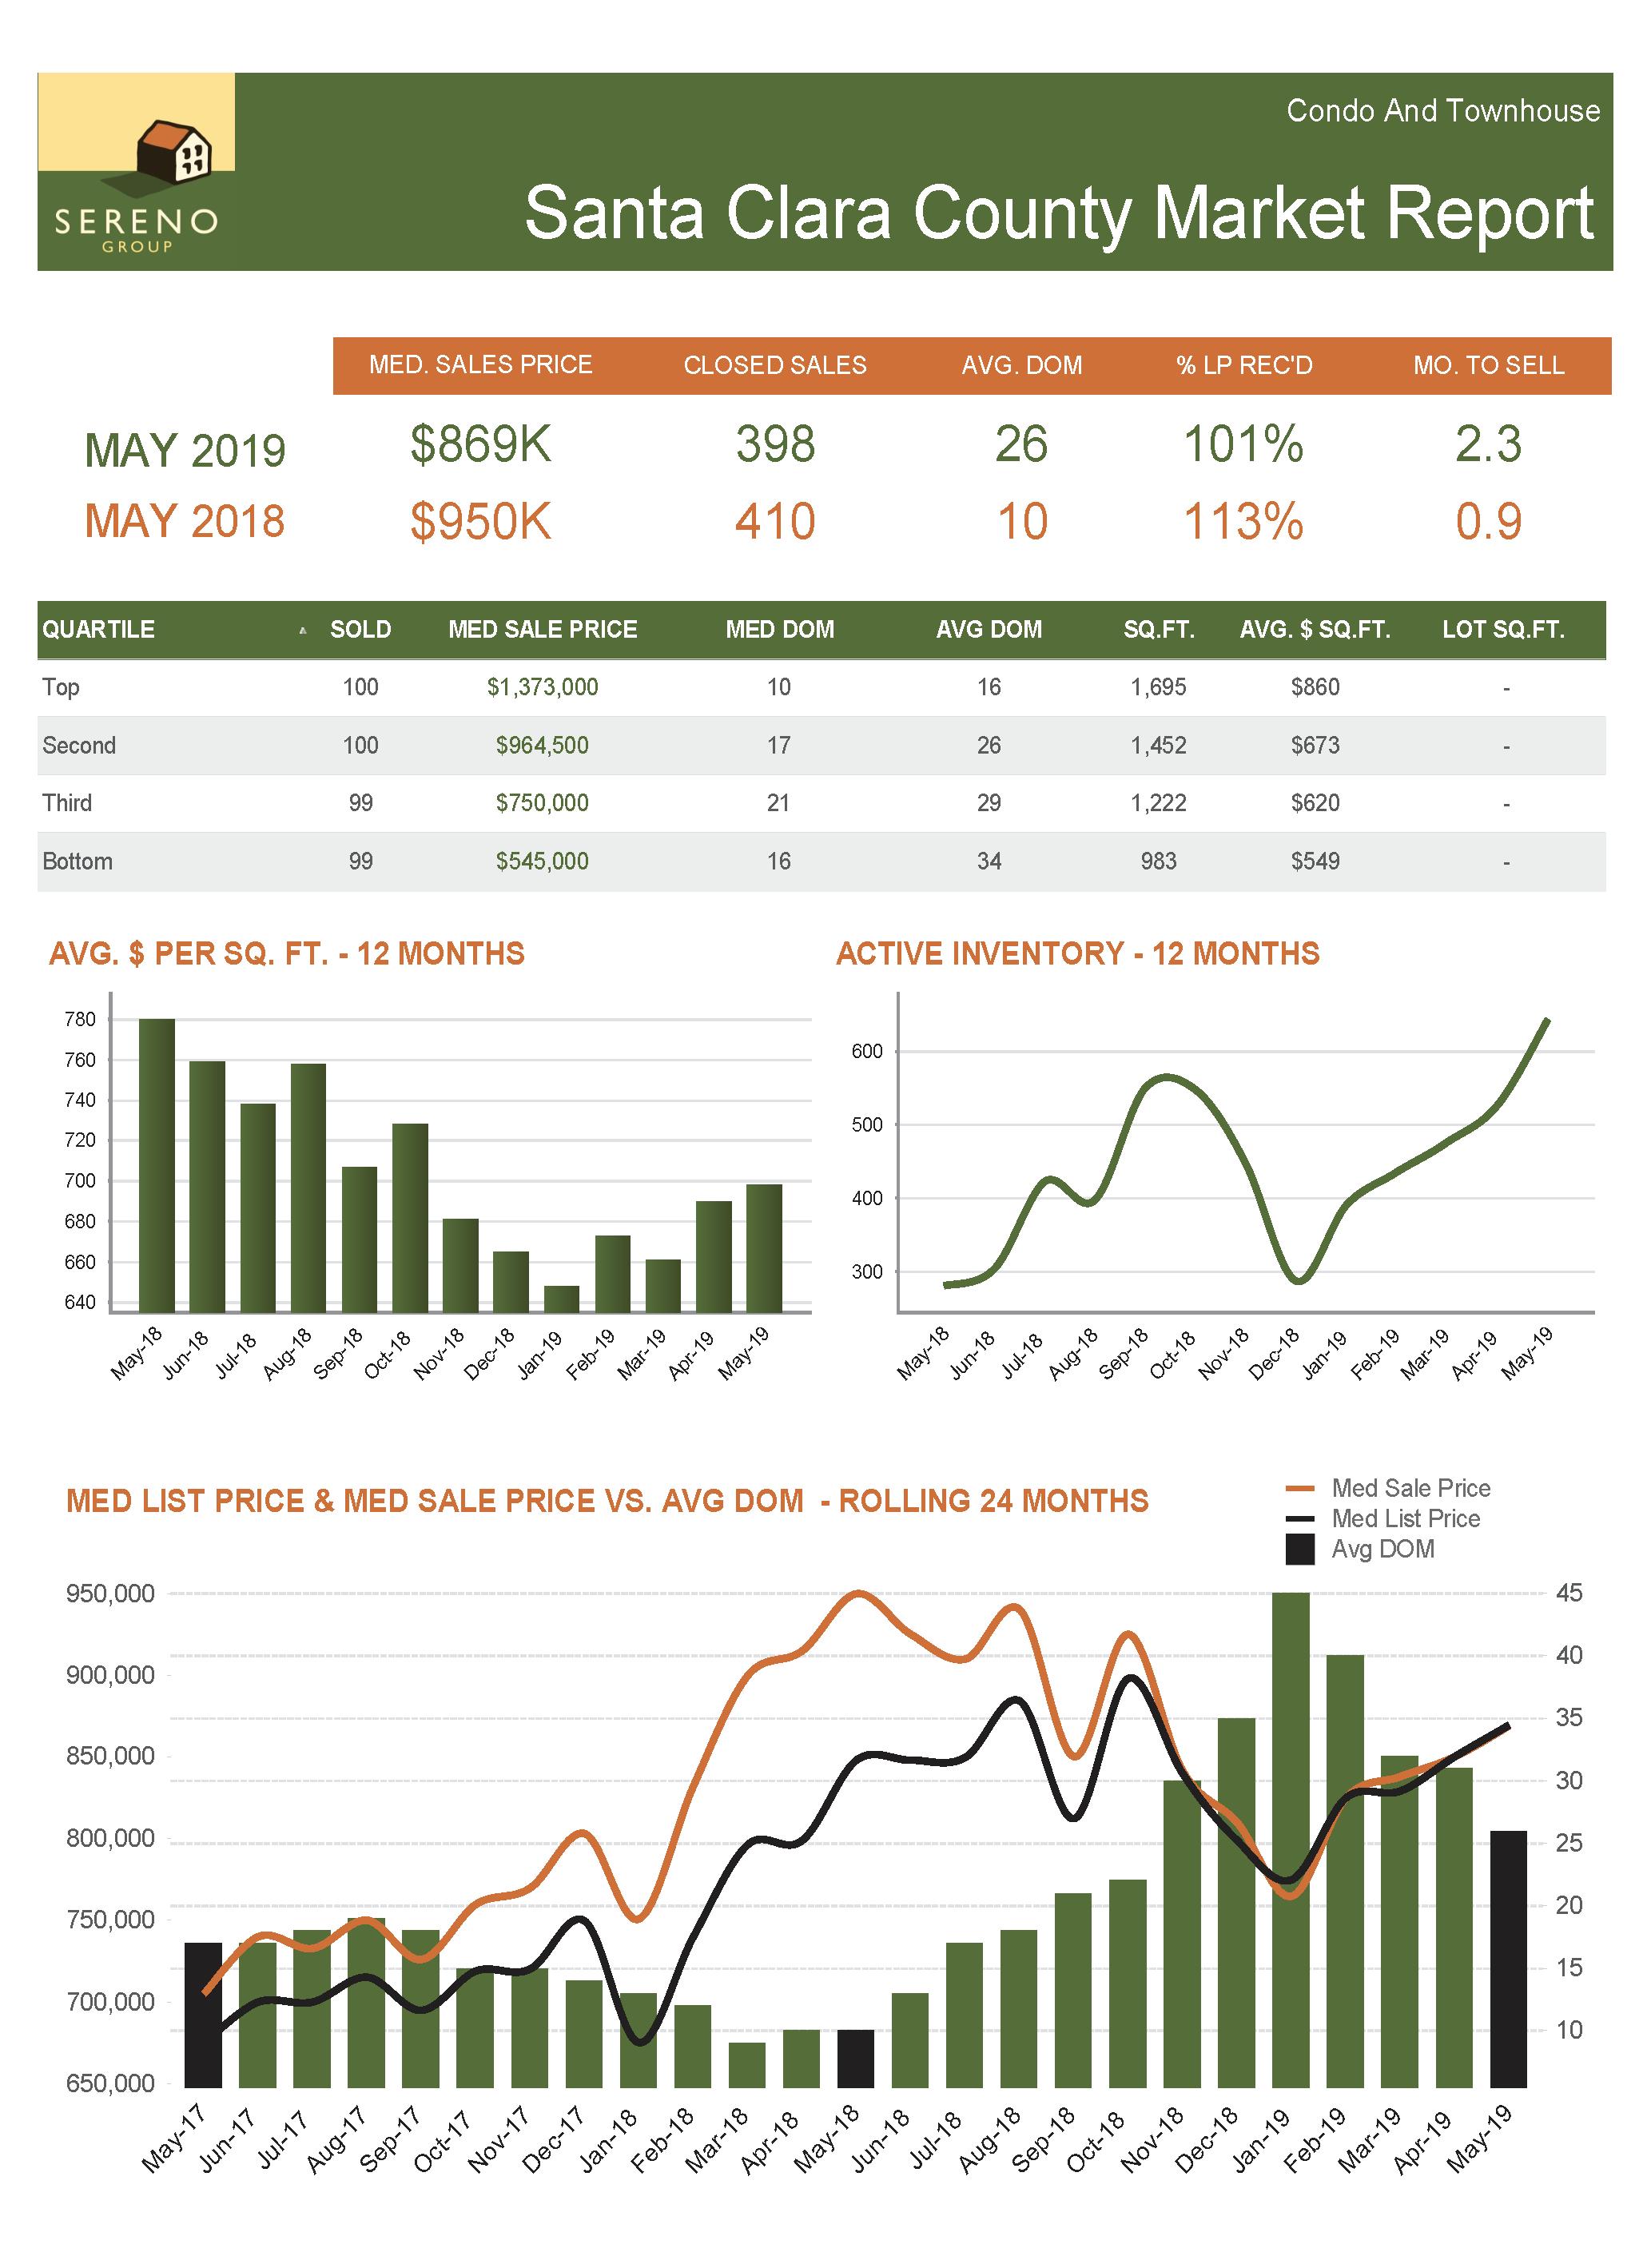 Santa Clara County Condo_TH Market Report - May 2019.png